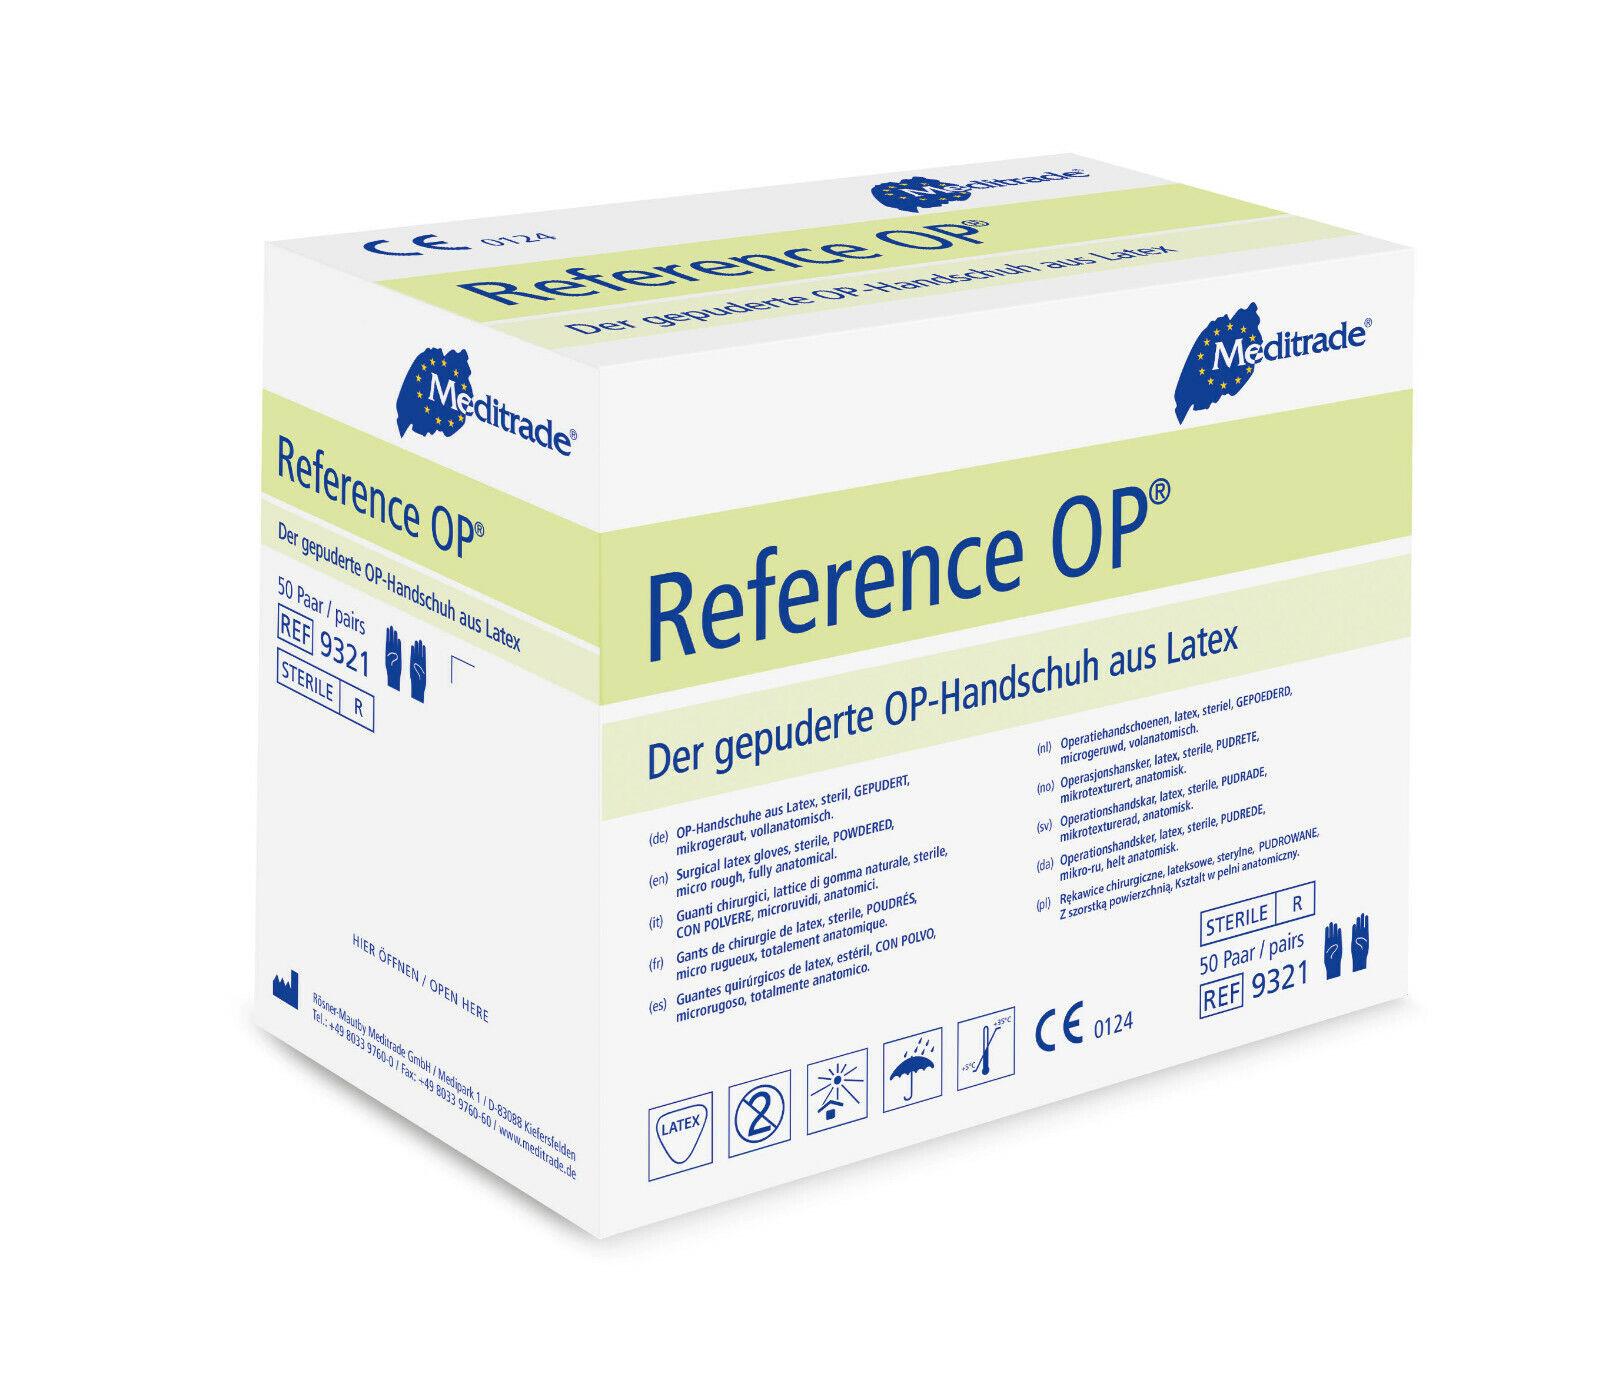 Meditrade Reference OP-Handschuhe steril leicht gepudert Latex Gr. 6 / 7 / 8